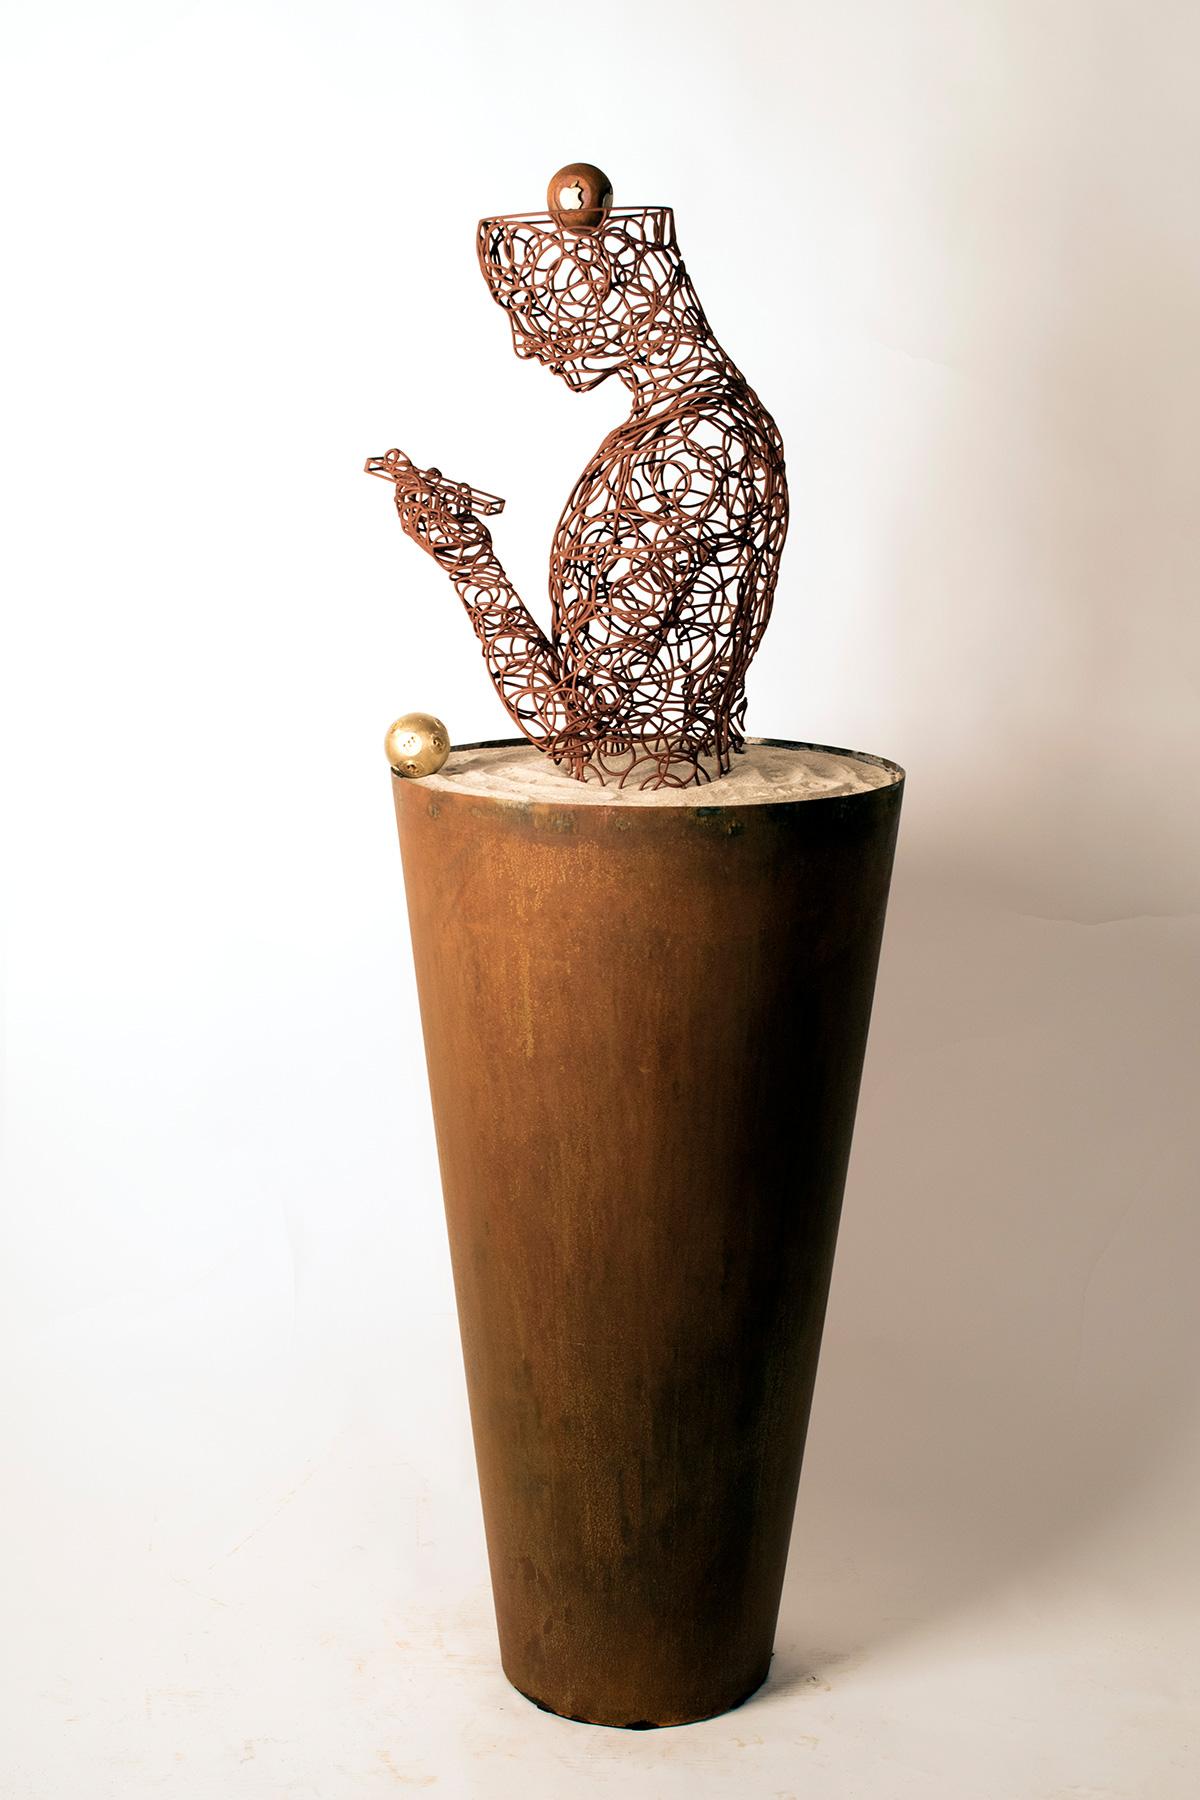 Bonzanos A.G., Eva calling, Scultura in filo SLS Duraform, realizzata con stampante 3D, 167x55x55 cm, 2018. Collezione privata.